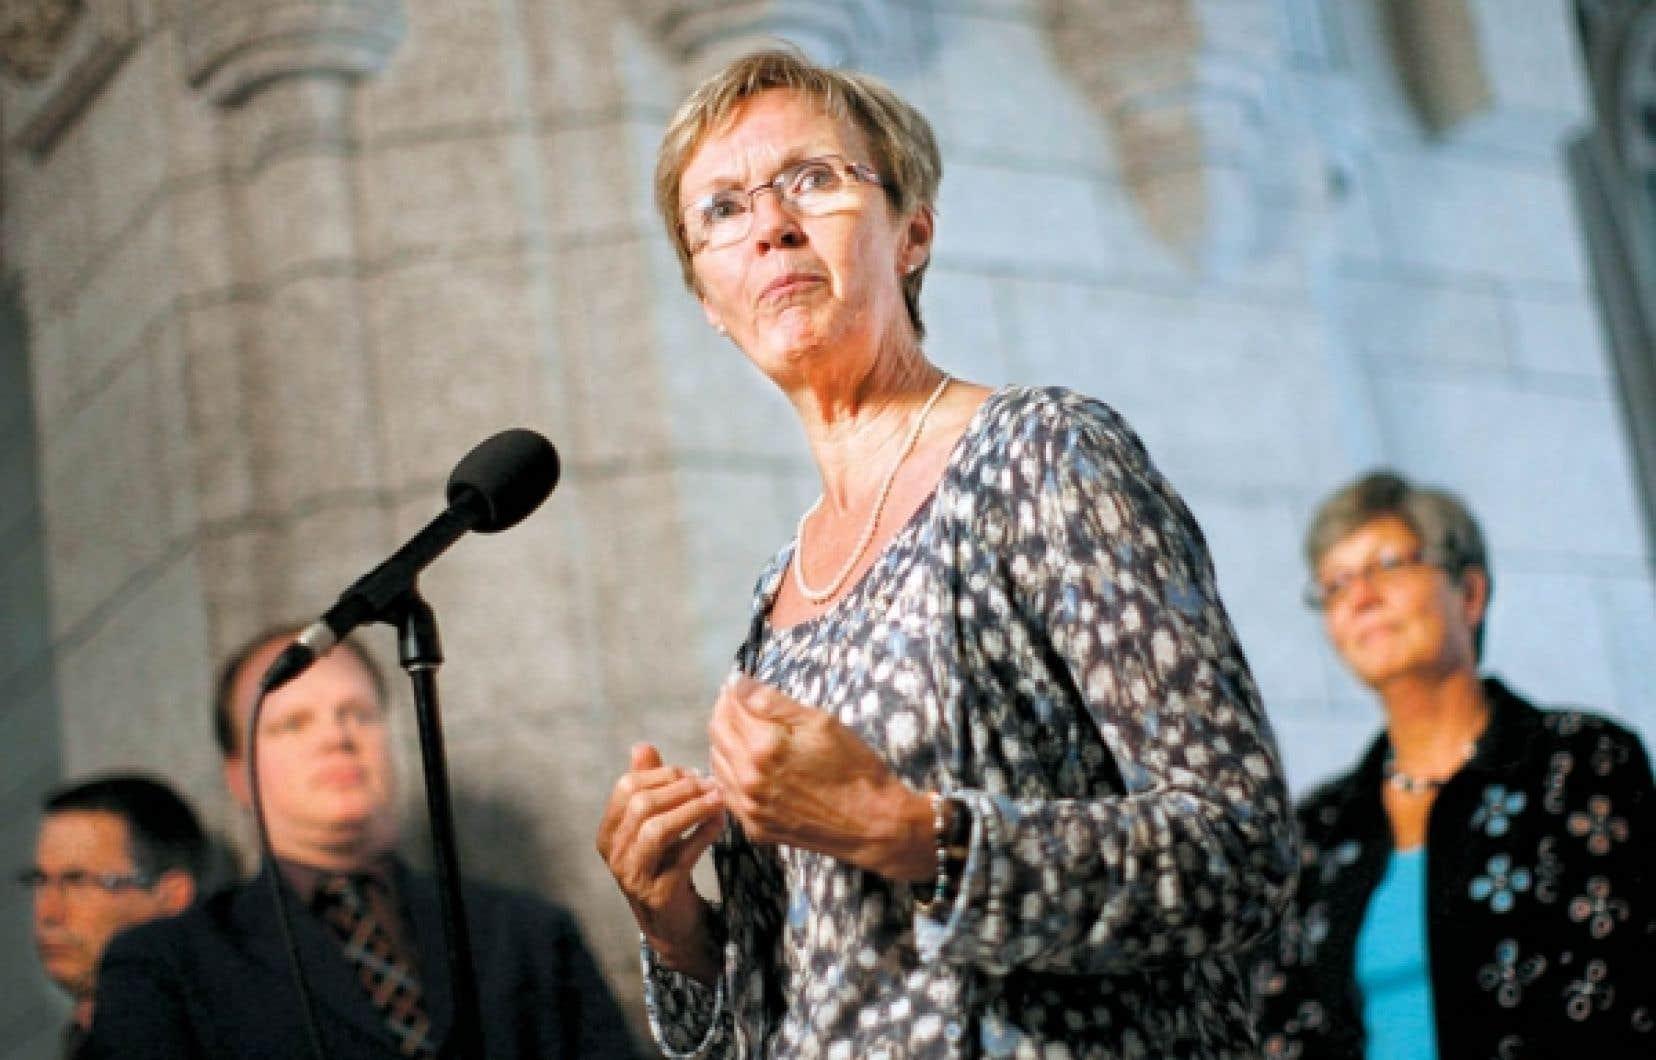 Le passé militant de Mme Turmel est symptomatique d'une articulation de plus en plus difficile entre le fait d'être politiquement progressiste — ou d'avoir une identité militante de gauche — et le fait de vivre au Québec.